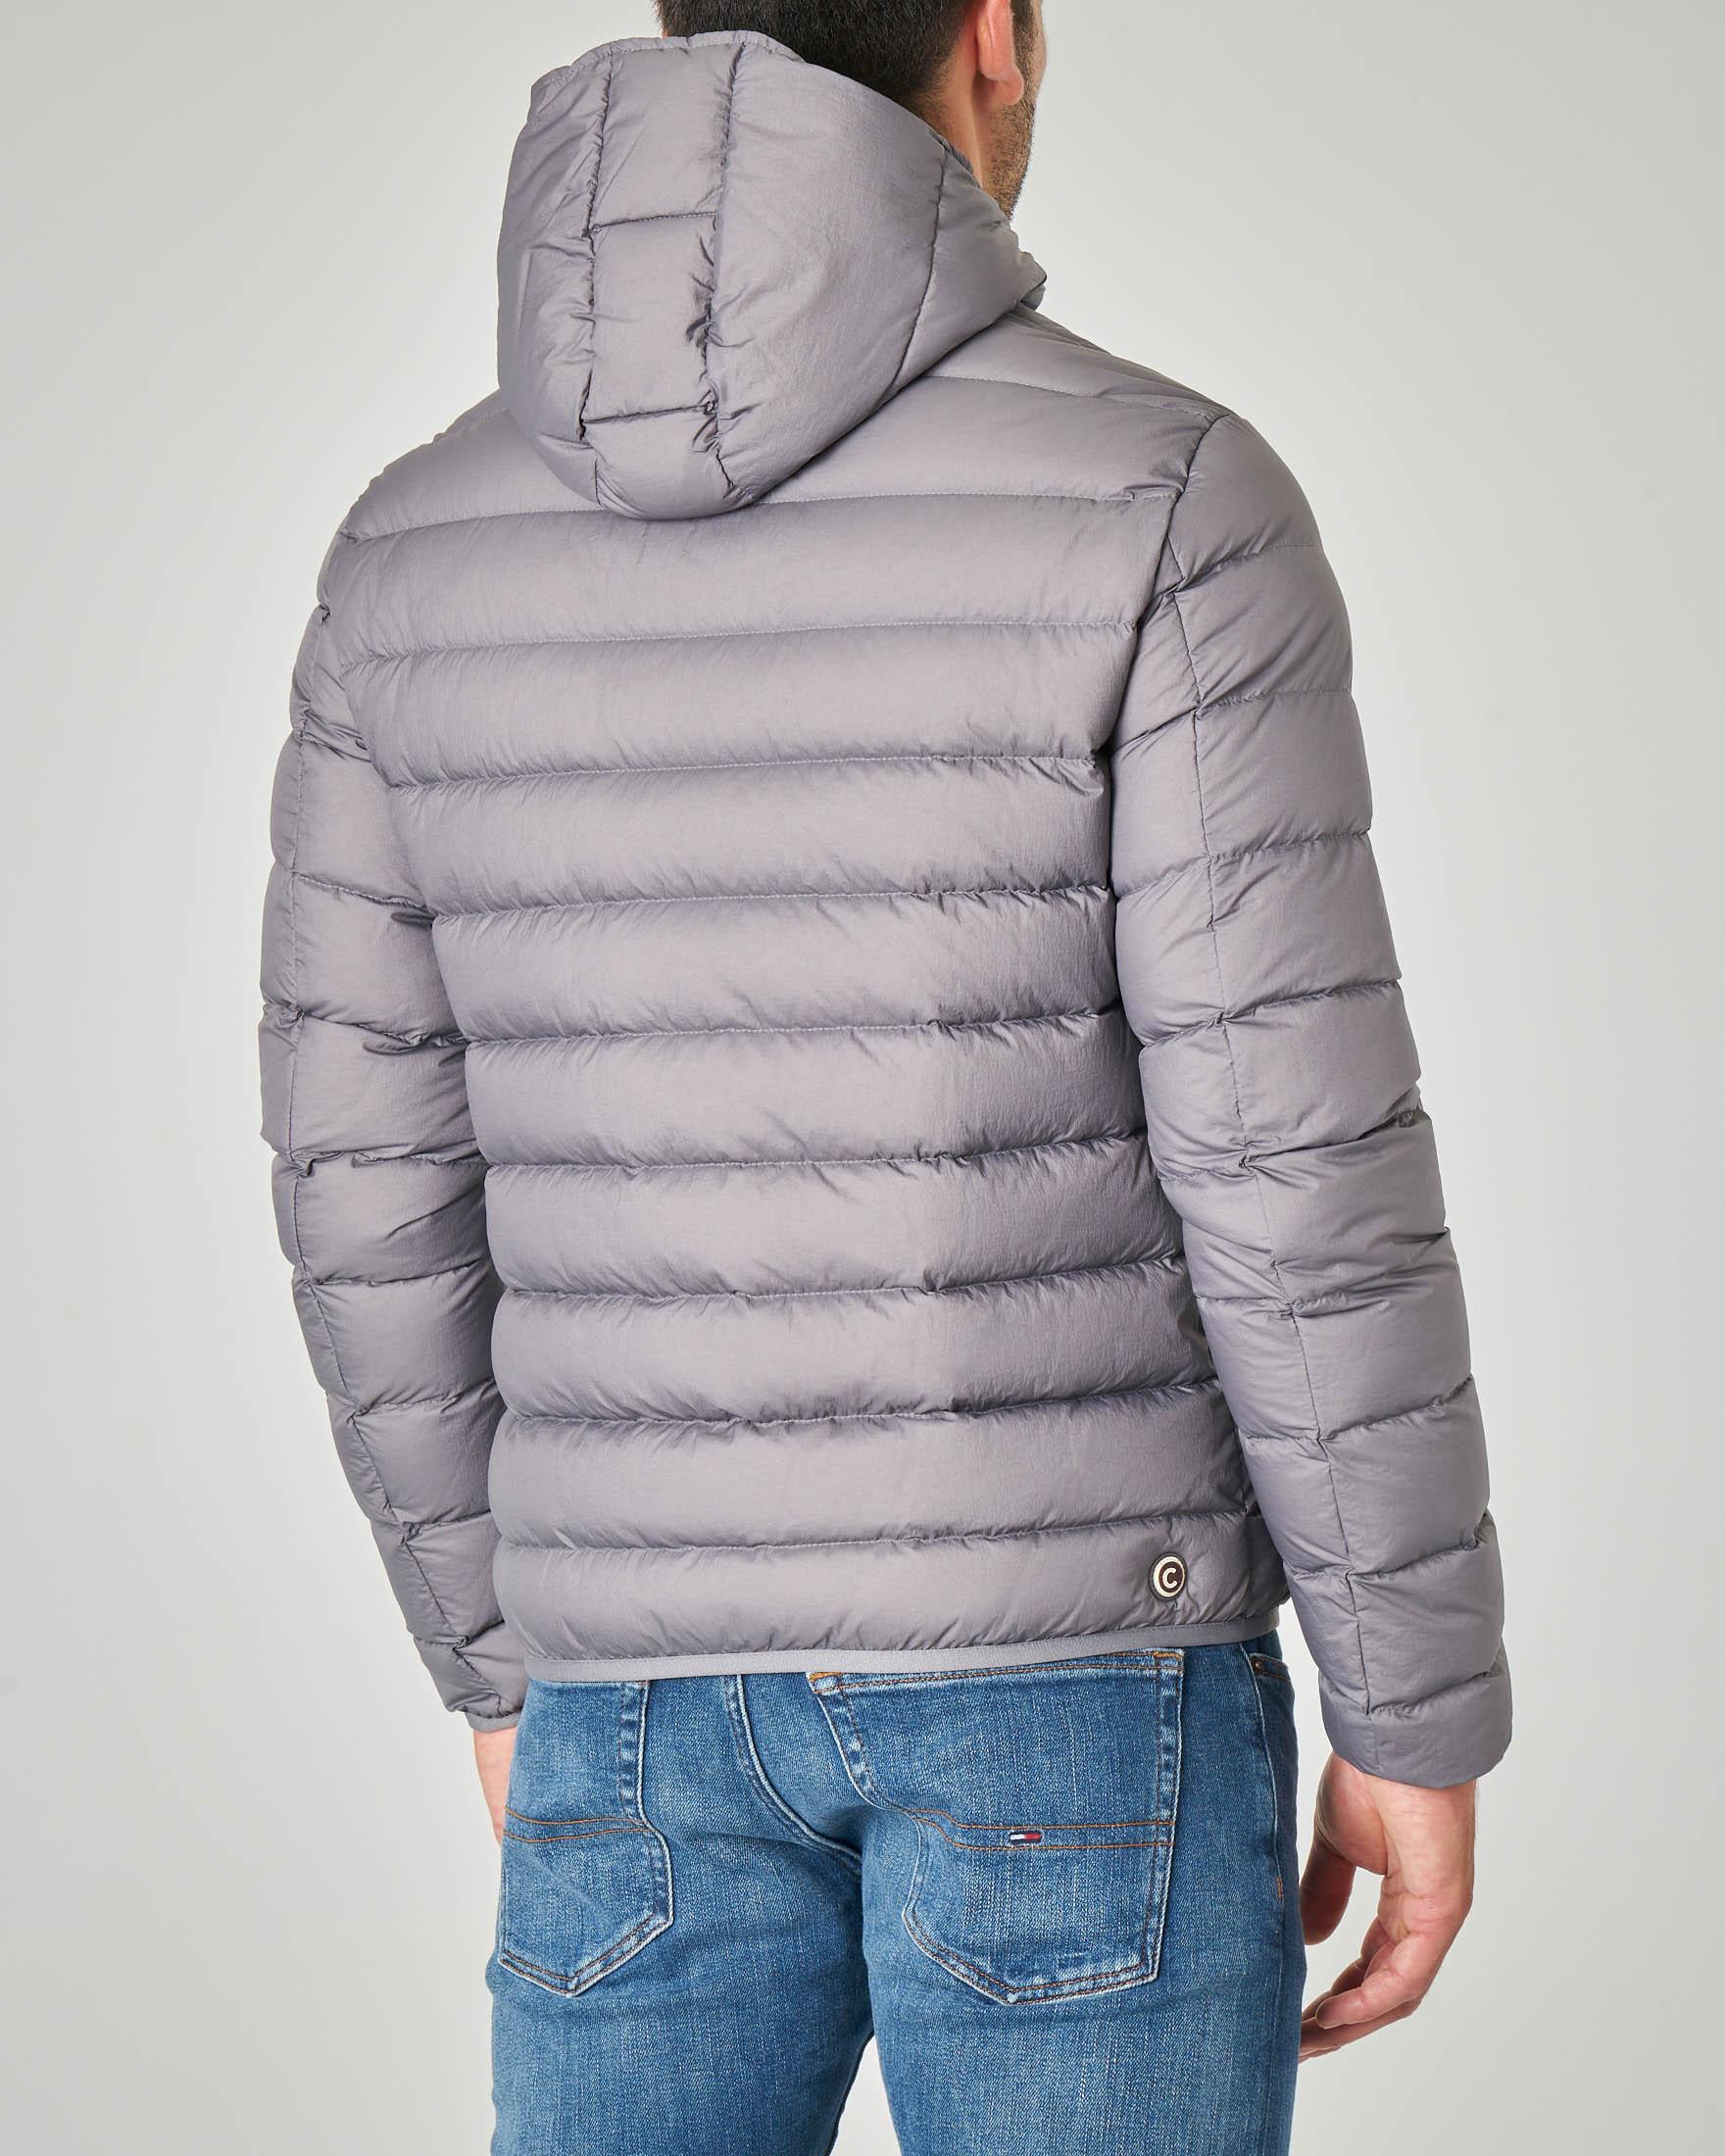 Piumino grigio con cappuccio fisso e interno lucido